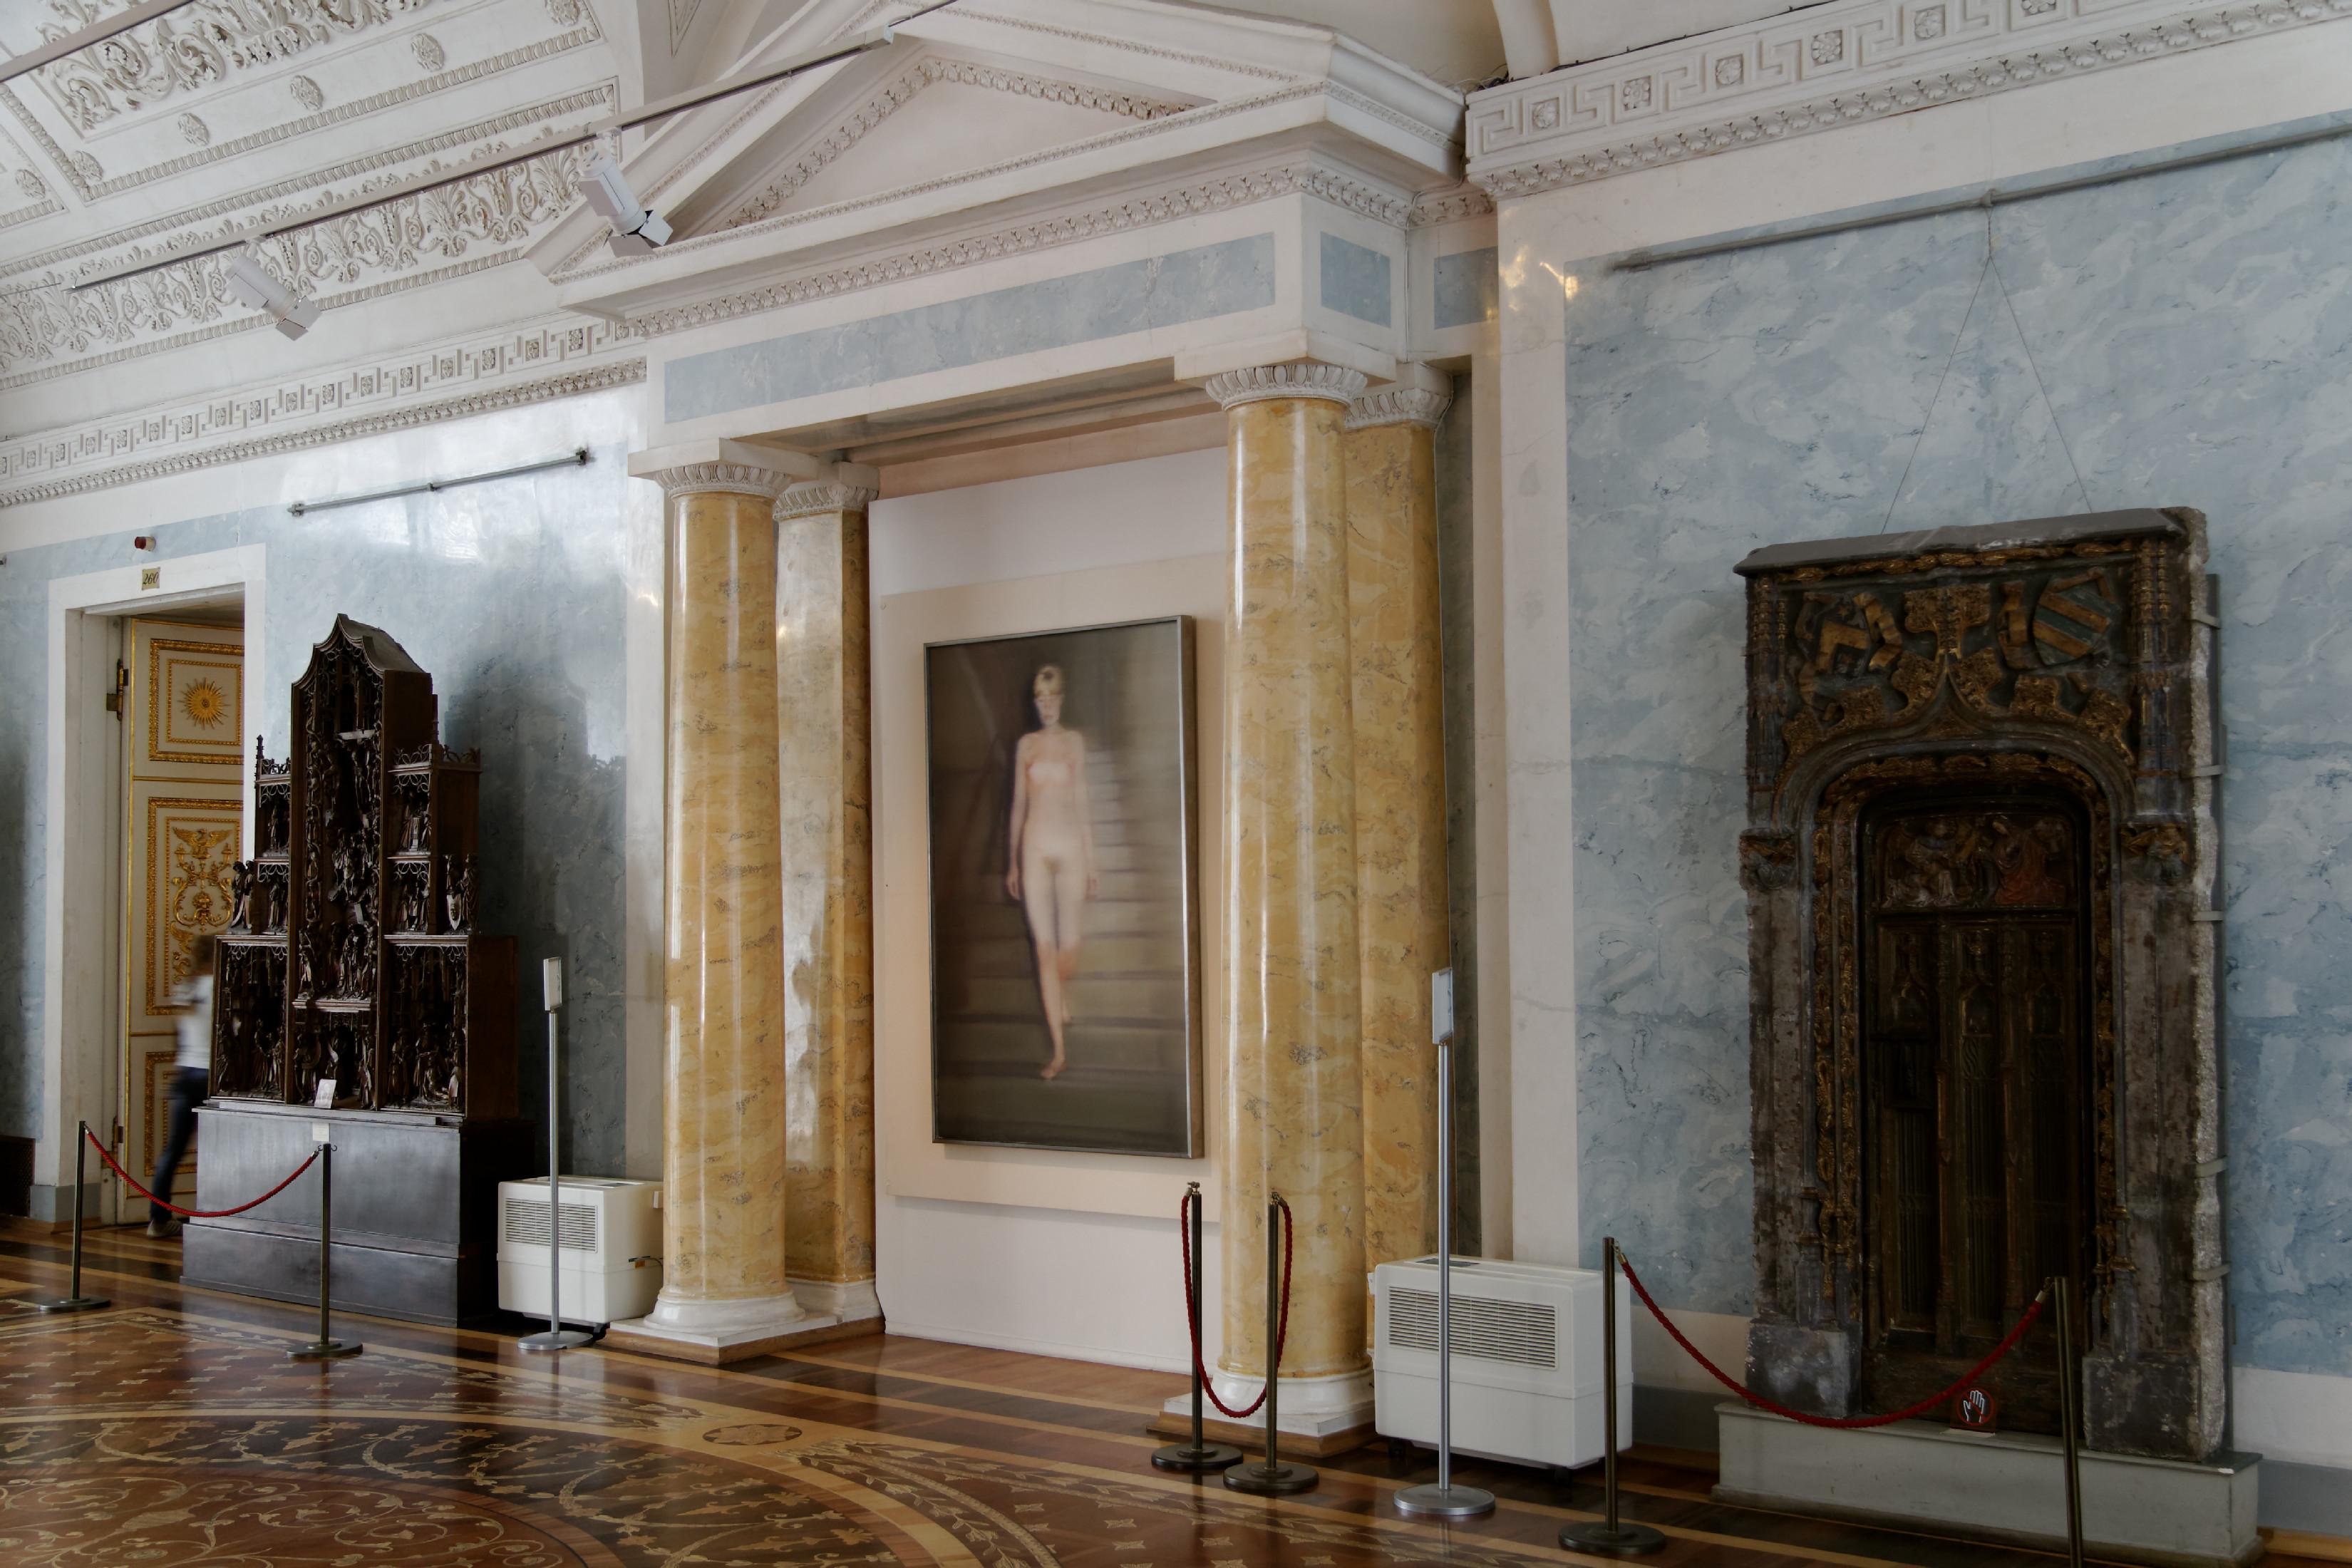 Фото предоставлено Музеем Людвига, Кёльн при поддержке Художественного фонда земли Северный Рейн — Вестфалия и Института международных связей, Штутгарт